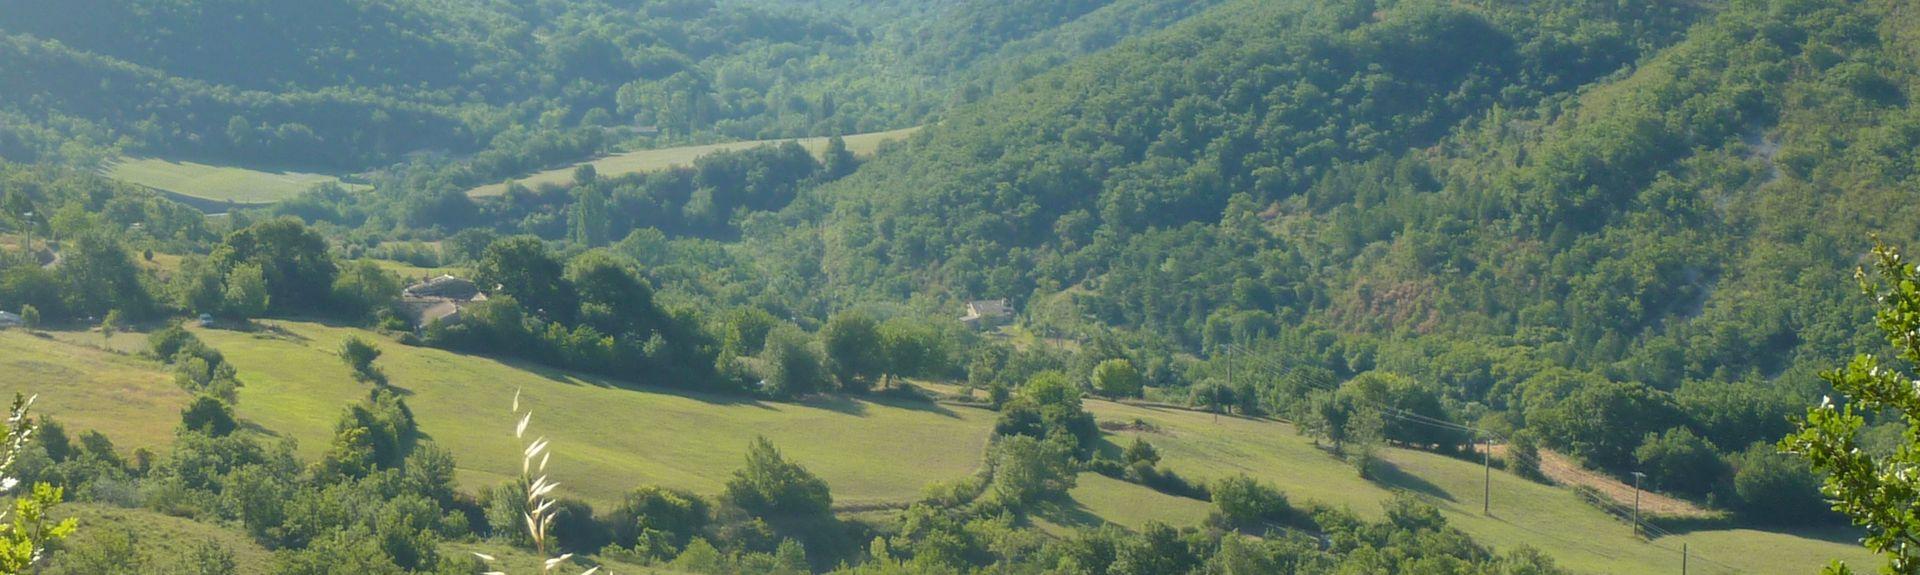 Saint-Jean-le-Centenier, Ardeche (department), France